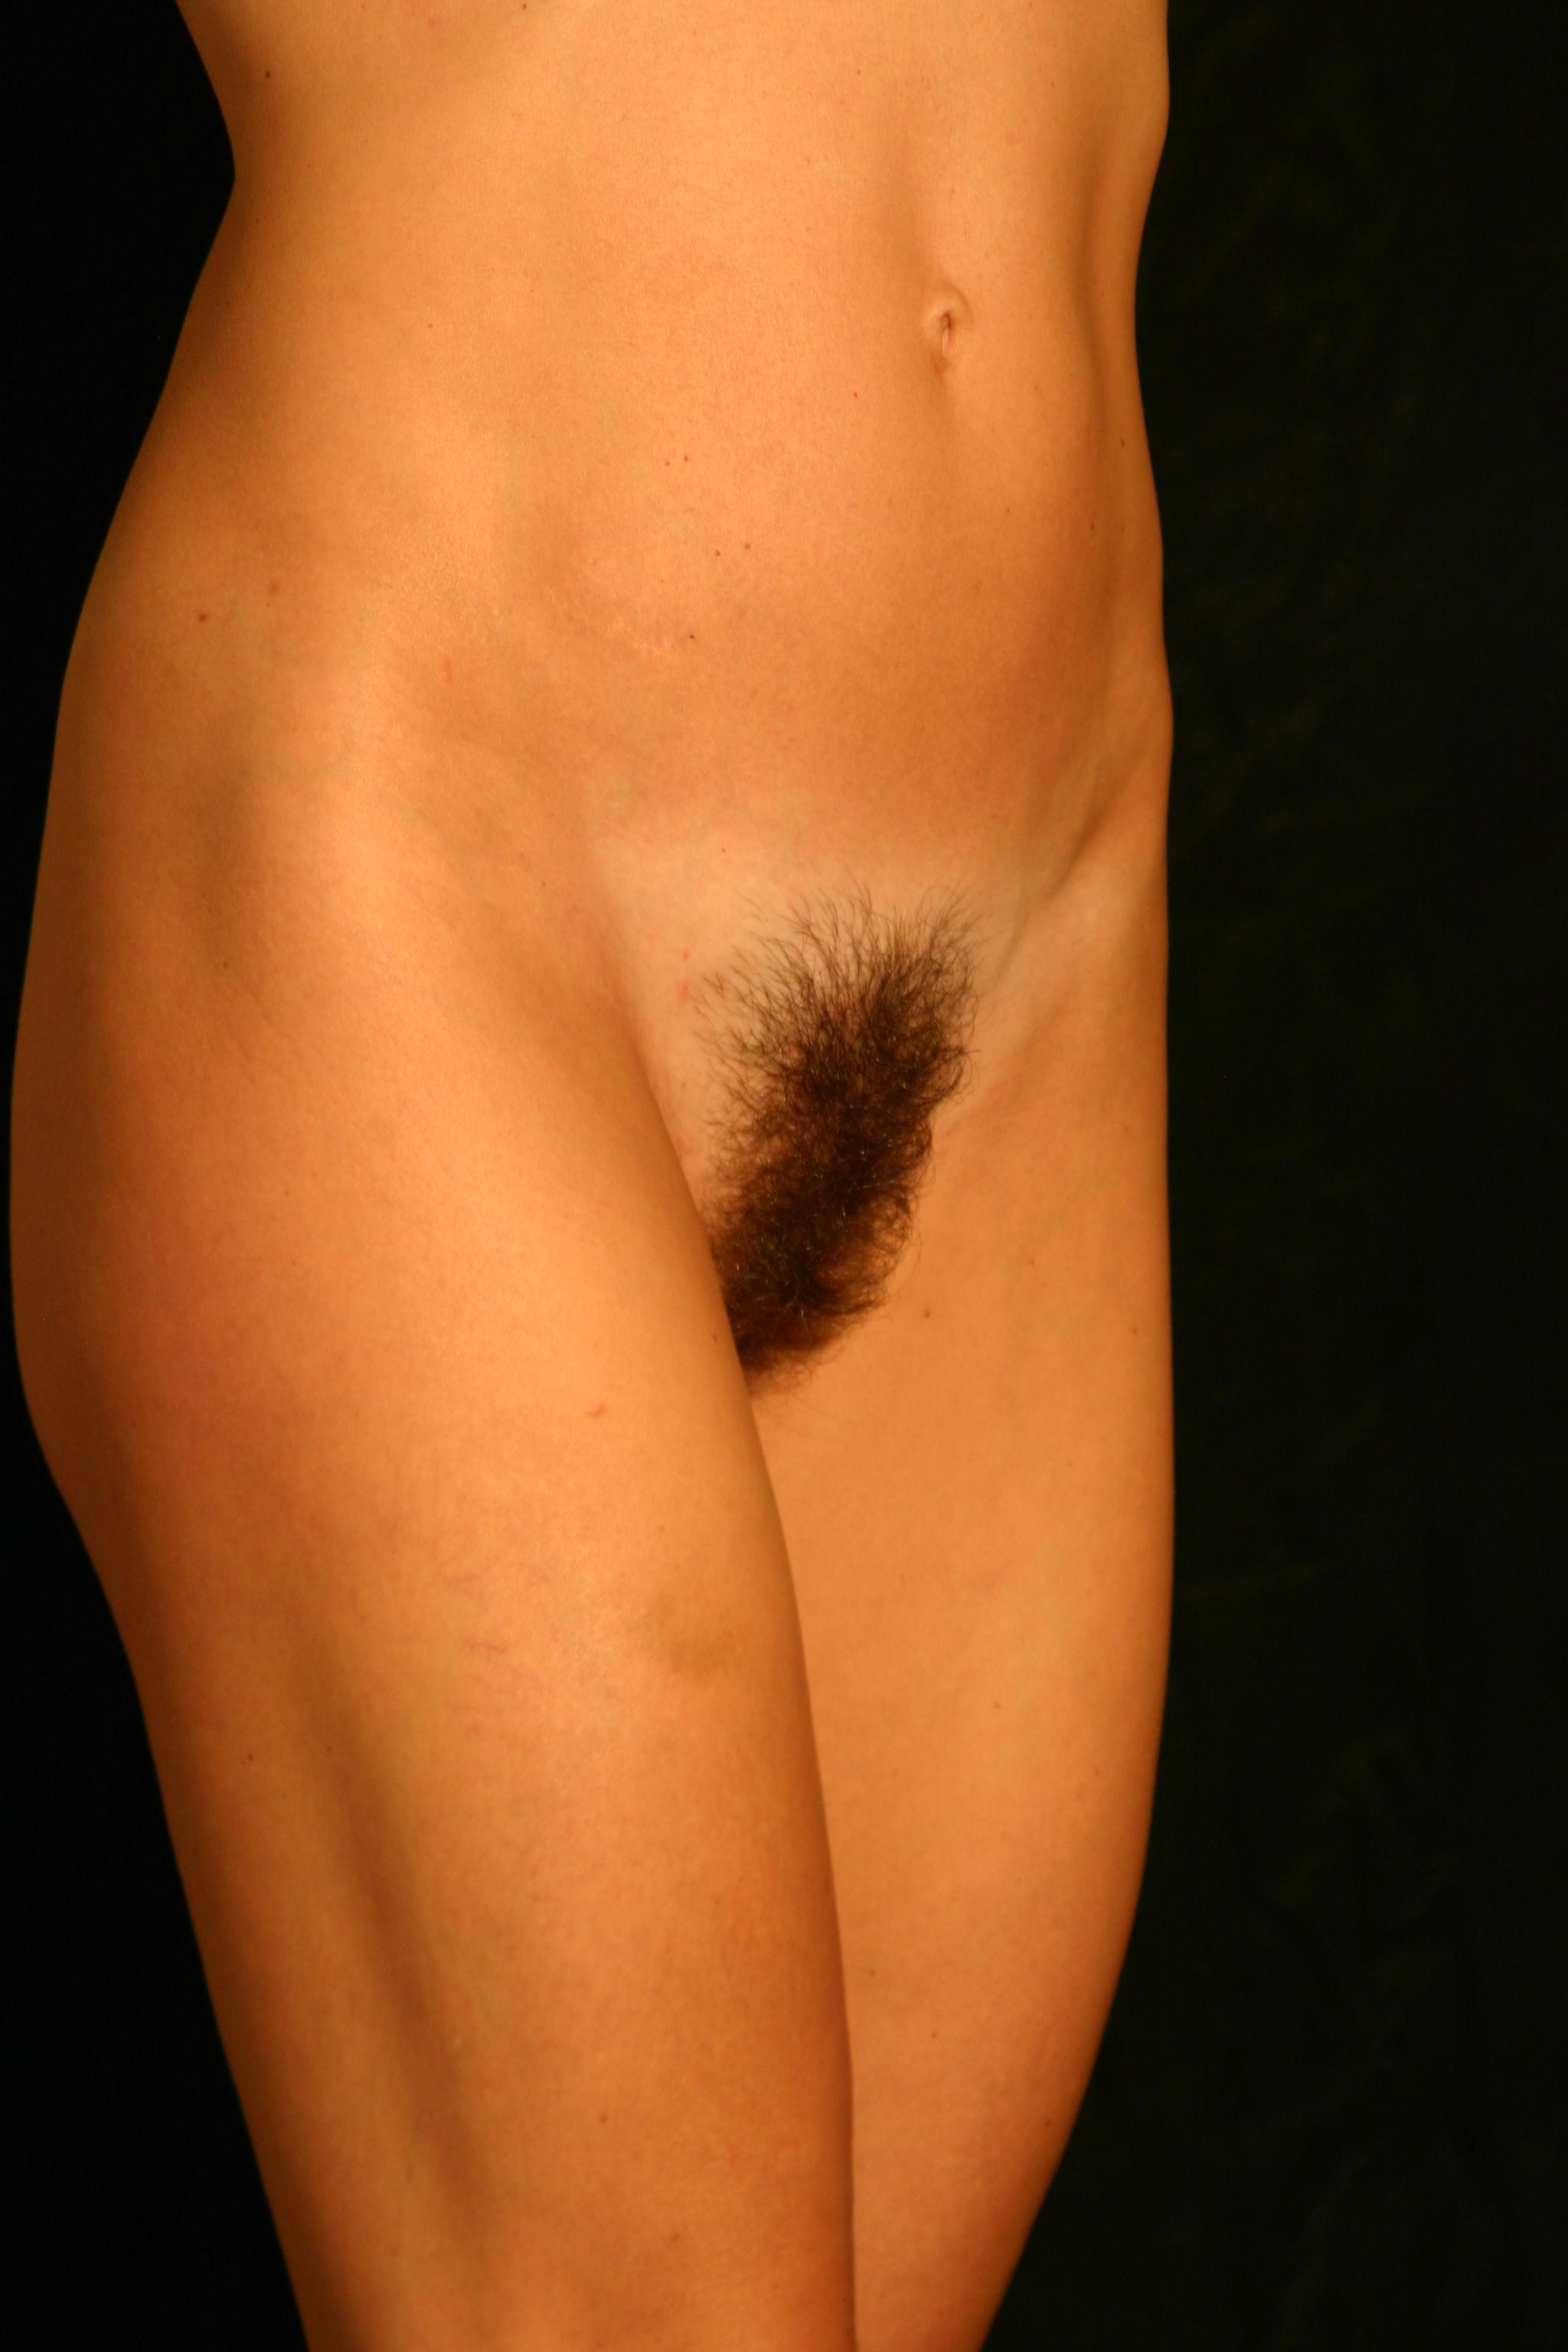 Hairy Pubic Area Women 80